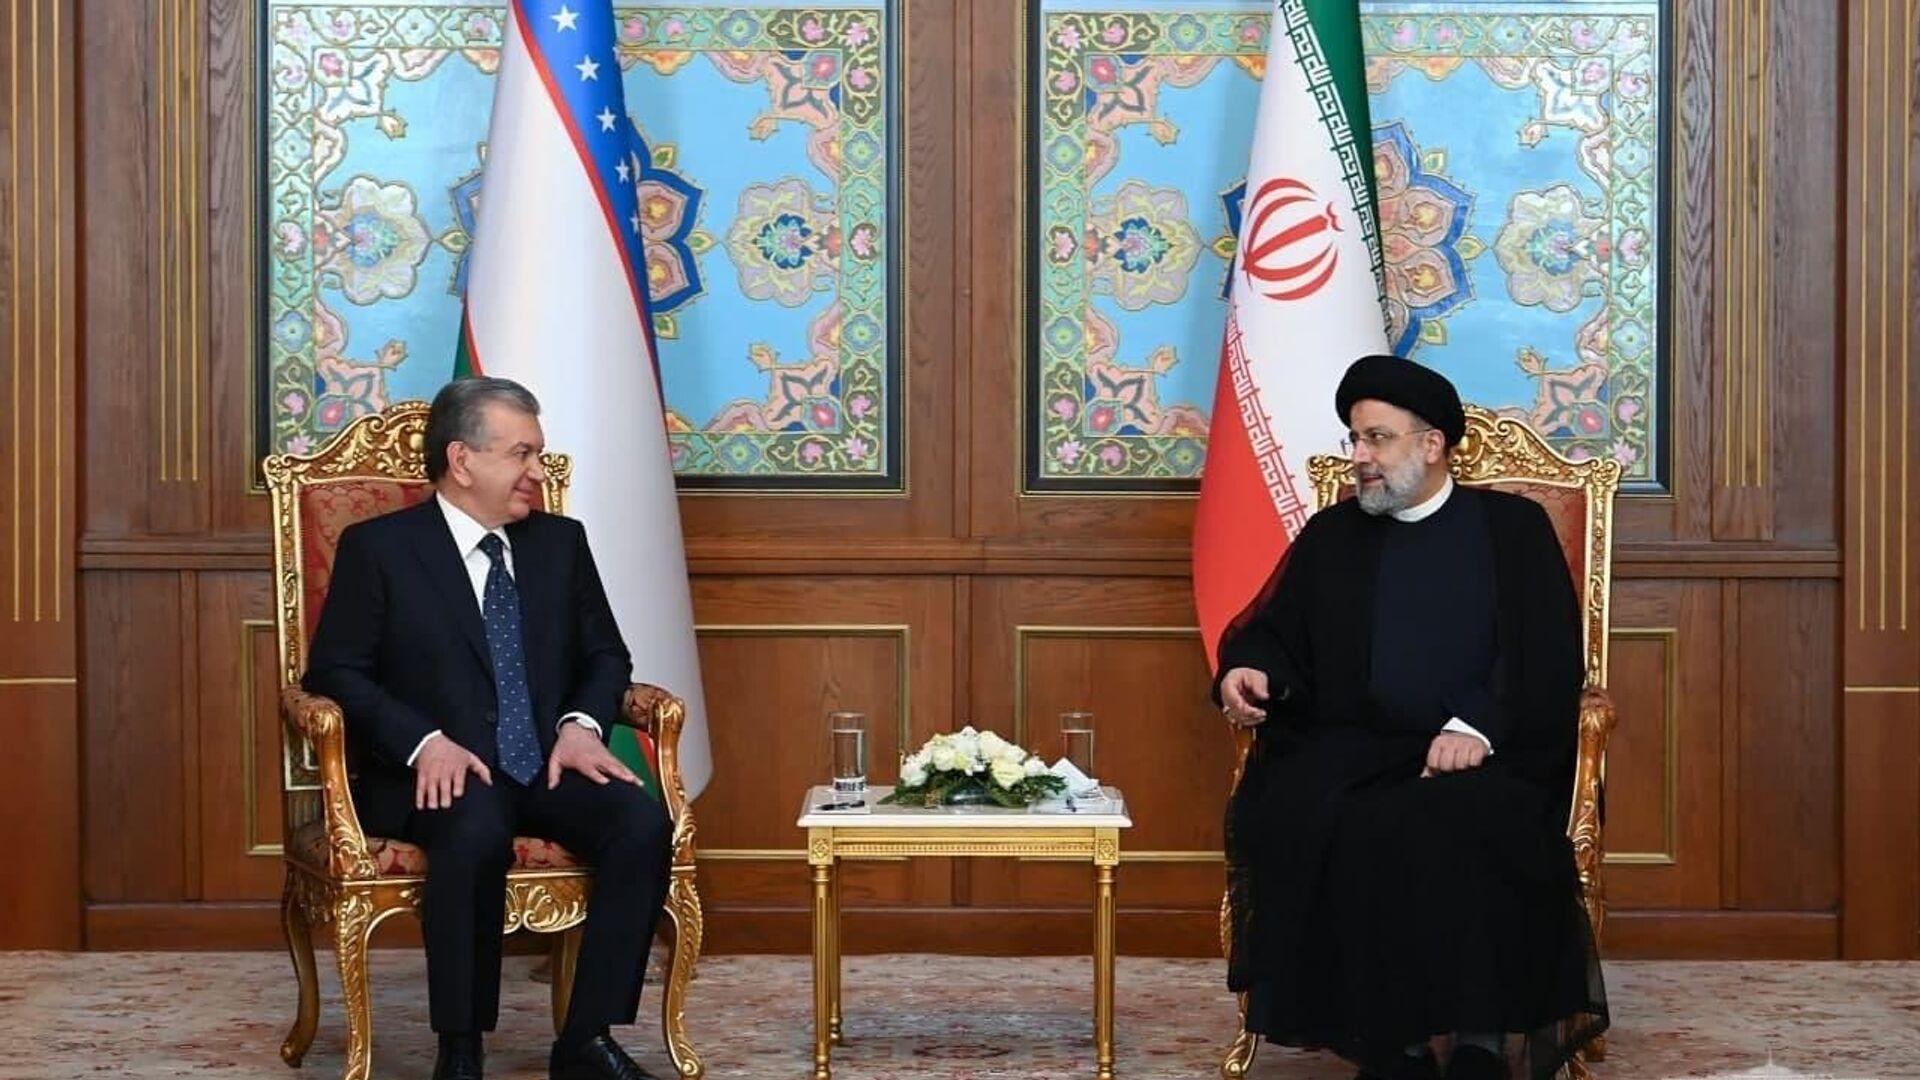 Шавкат Мирзиёев в Душанбе провел встречу с президентом Ирана Ибрахимом Раиси - Sputnik Ўзбекистон, 1920, 16.09.2021